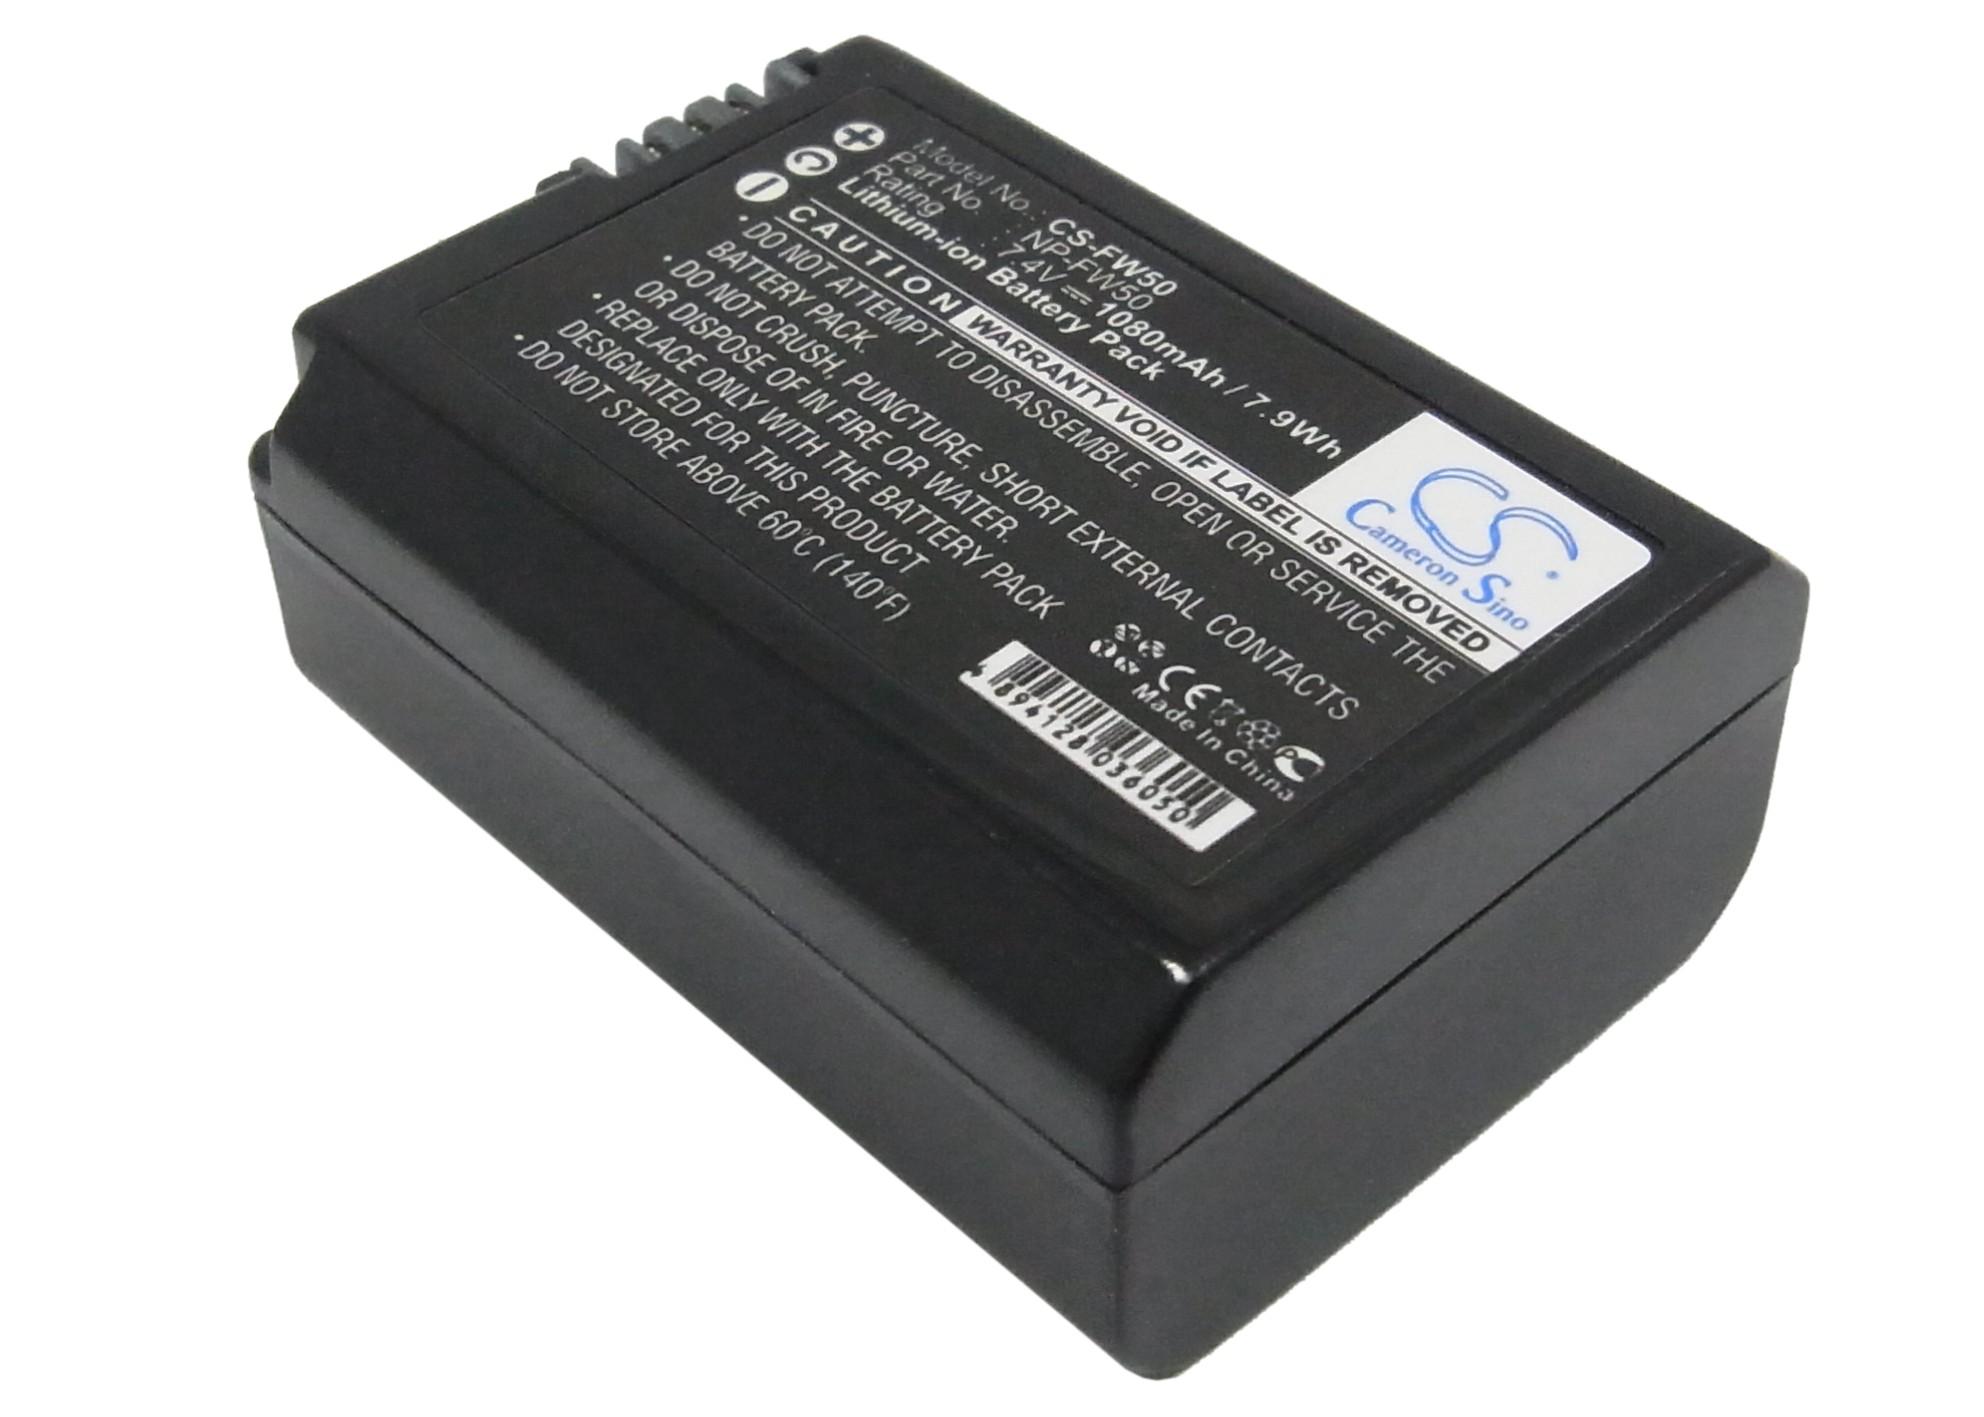 Cameron Sino baterie do kamer a fotoaparátů pro SONY NEX-C3 7.4V Li-ion 1080mAh černá - neoriginální